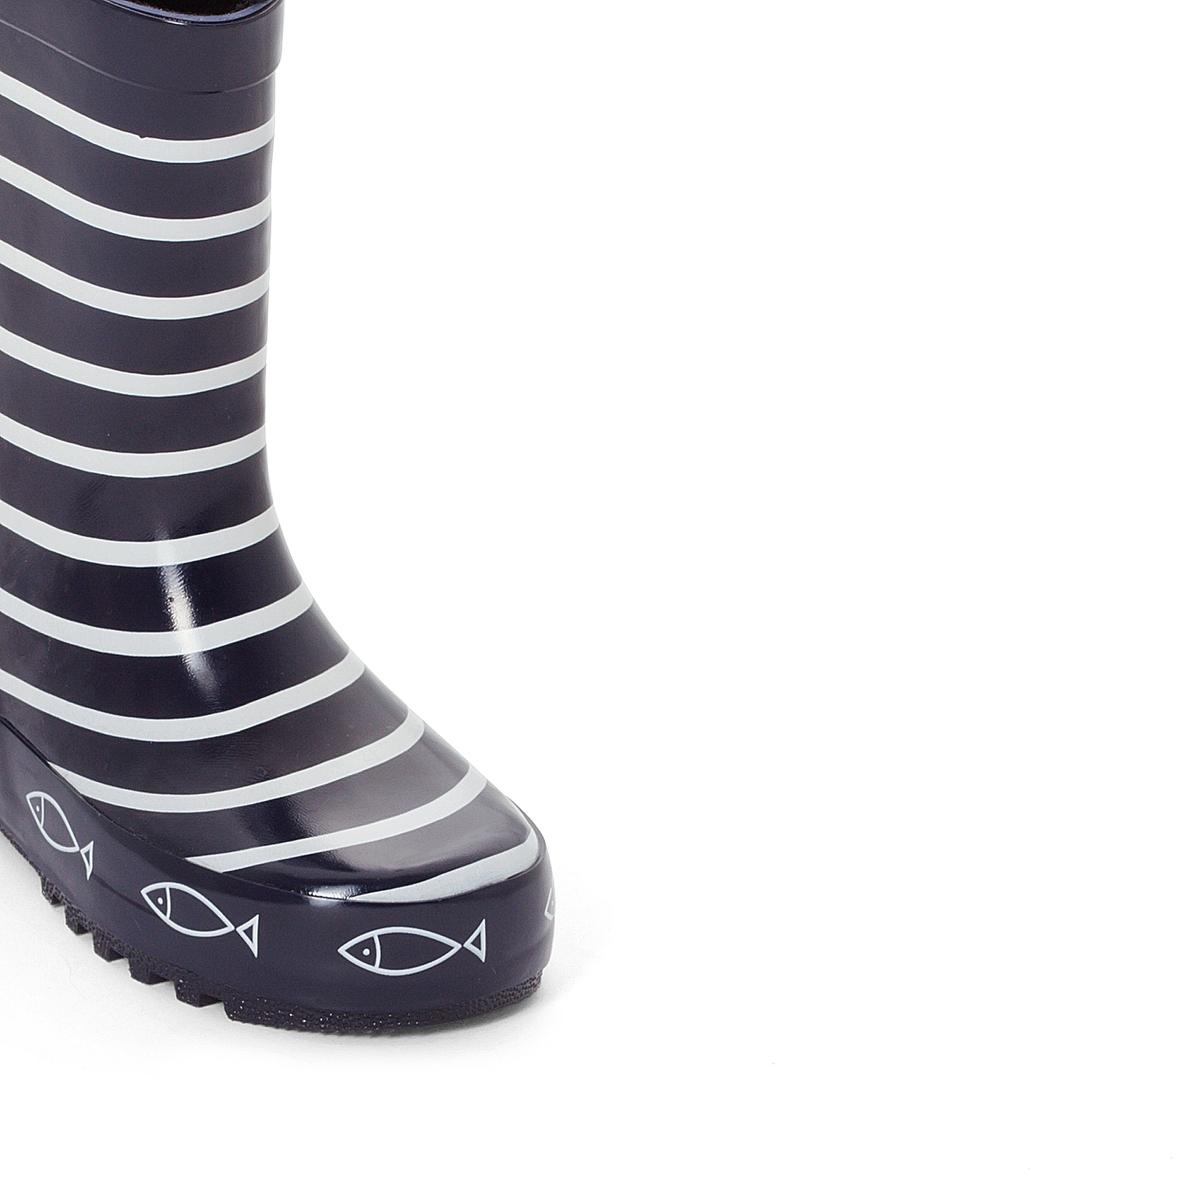 СапогиДетали  •  Резиновые сапоги •  Плоский каблук •  Круглый мысок •  Застежка : без застежки •  Высота каблука : 1 см.Состав и уход  •  Верх 100% каучук •  Подкладка 100% хлопок •  Стелька 100% текстиль •  Подошва 100% каучук<br><br>Цвет: темно-синий в полоску<br>Размер: 24.28.29.30.31